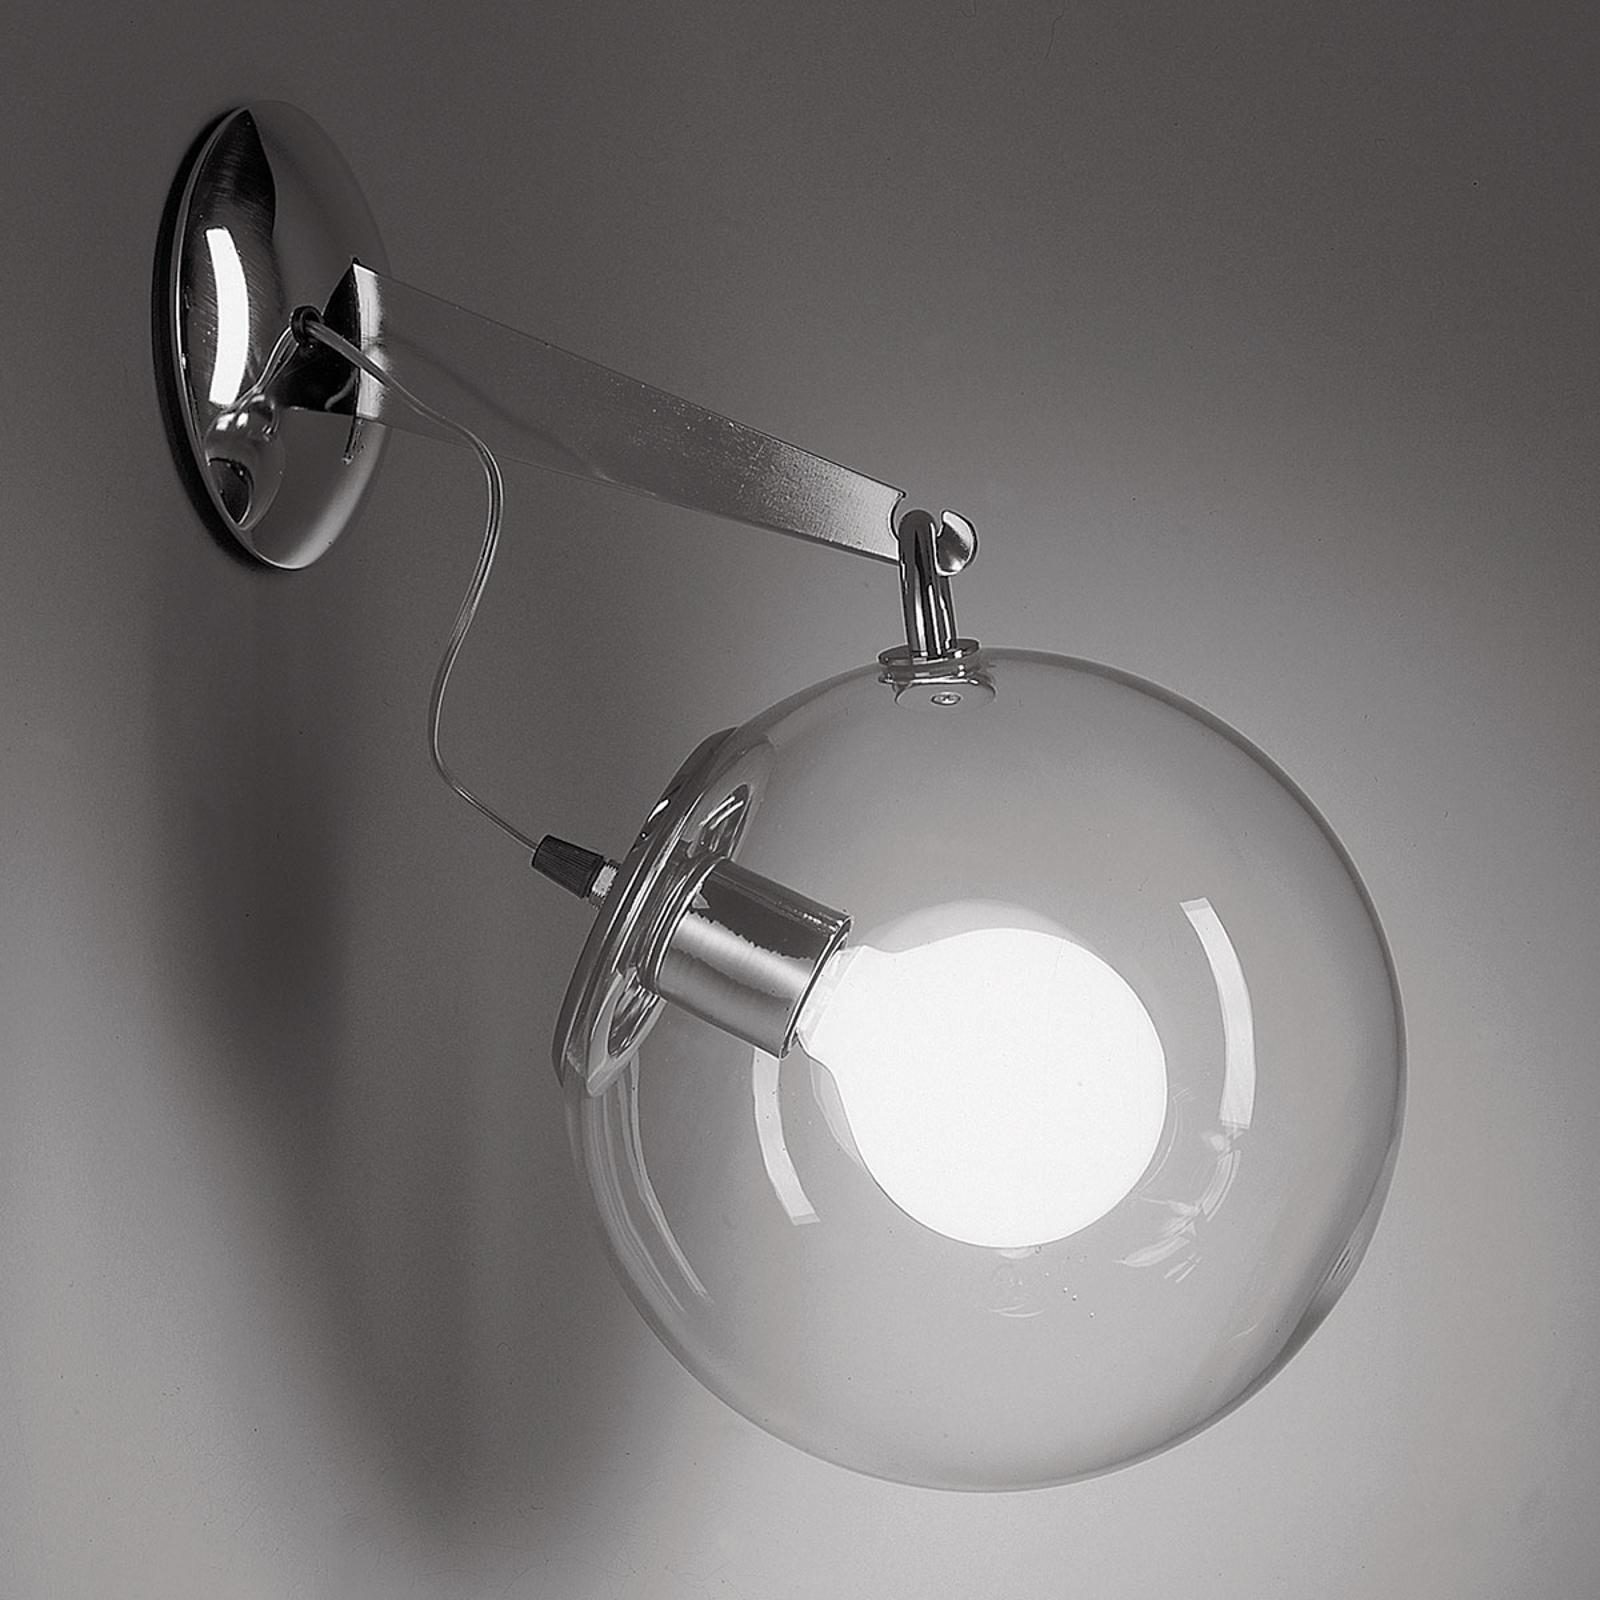 Artemide Miconos glas-væglampe i krom